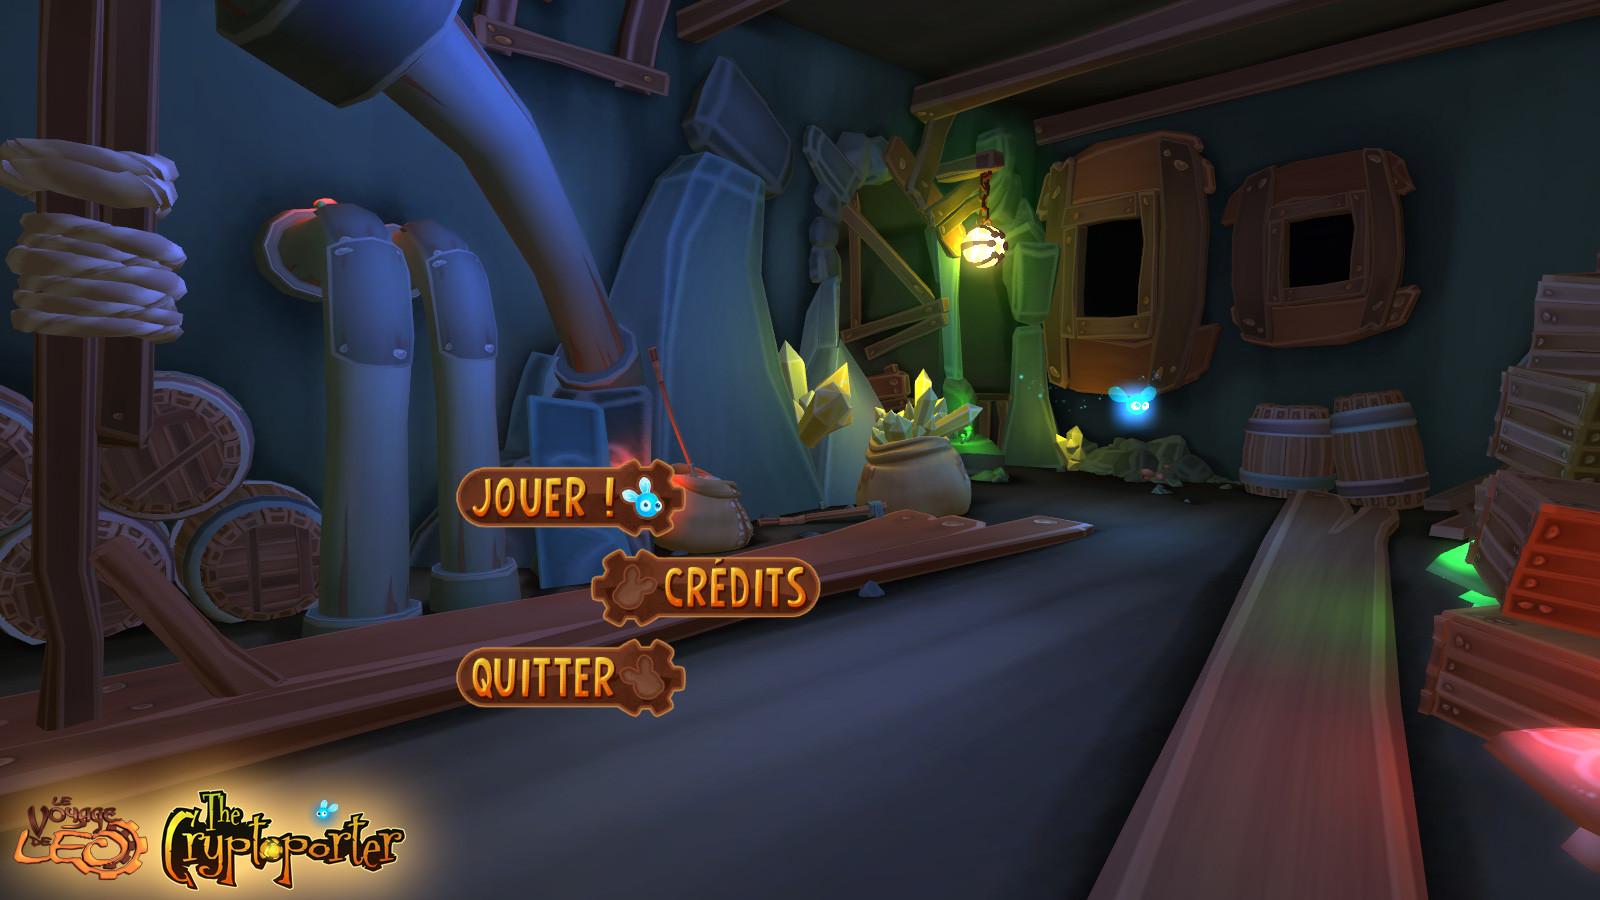 Etienne beschet thecryptoporter screenshot 01